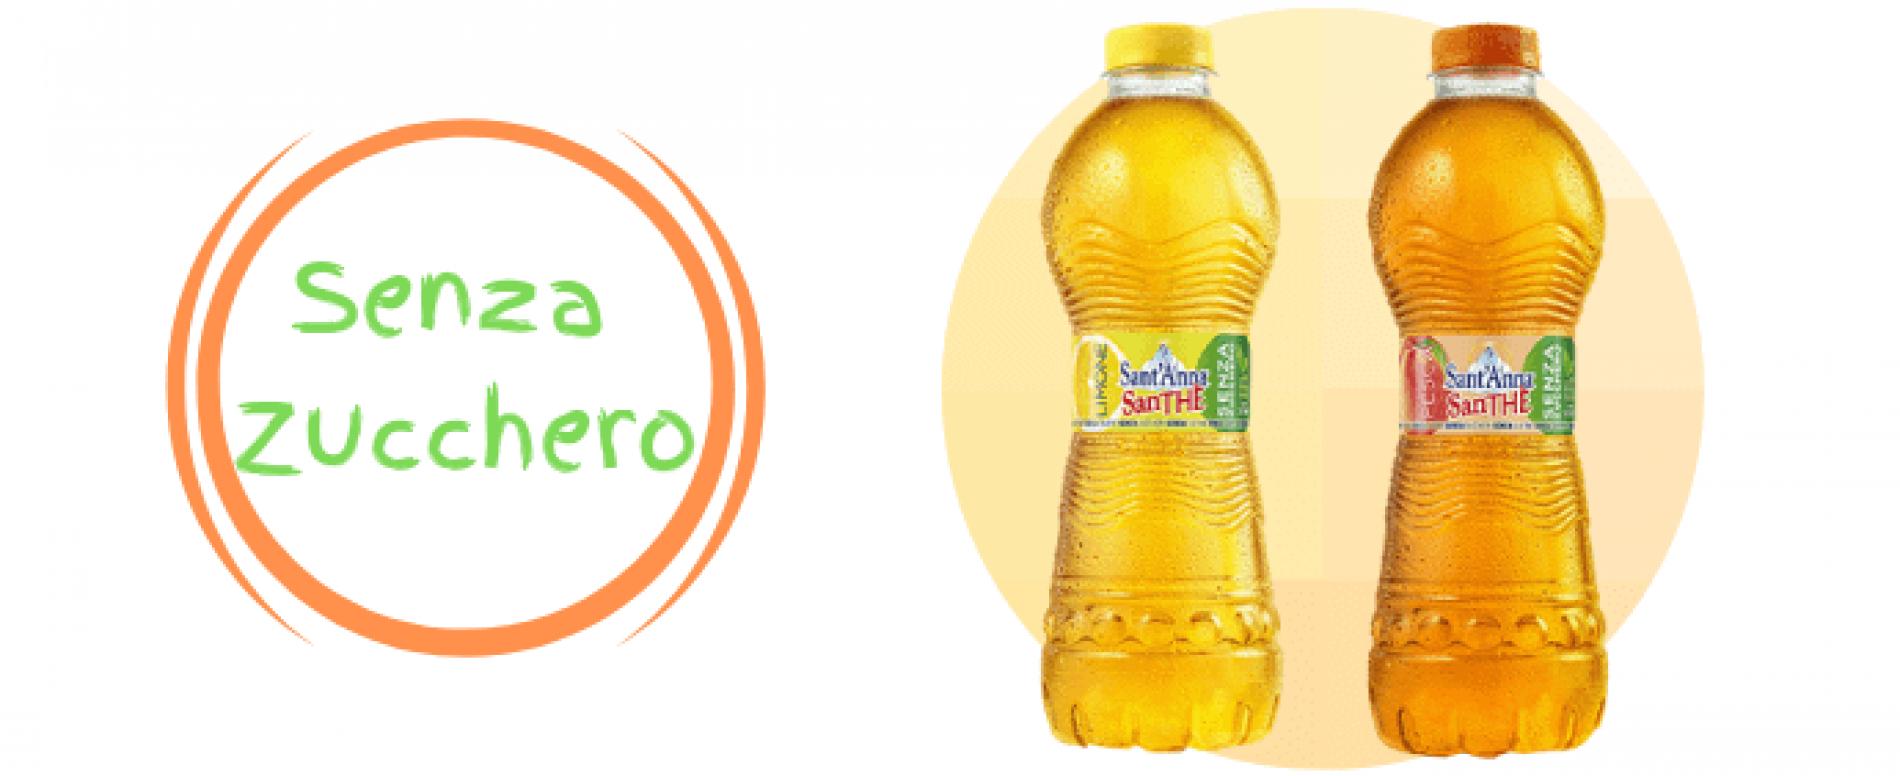 SanTHE' Sant'Anna senza zucchero: dissetarsi con leggerezza!